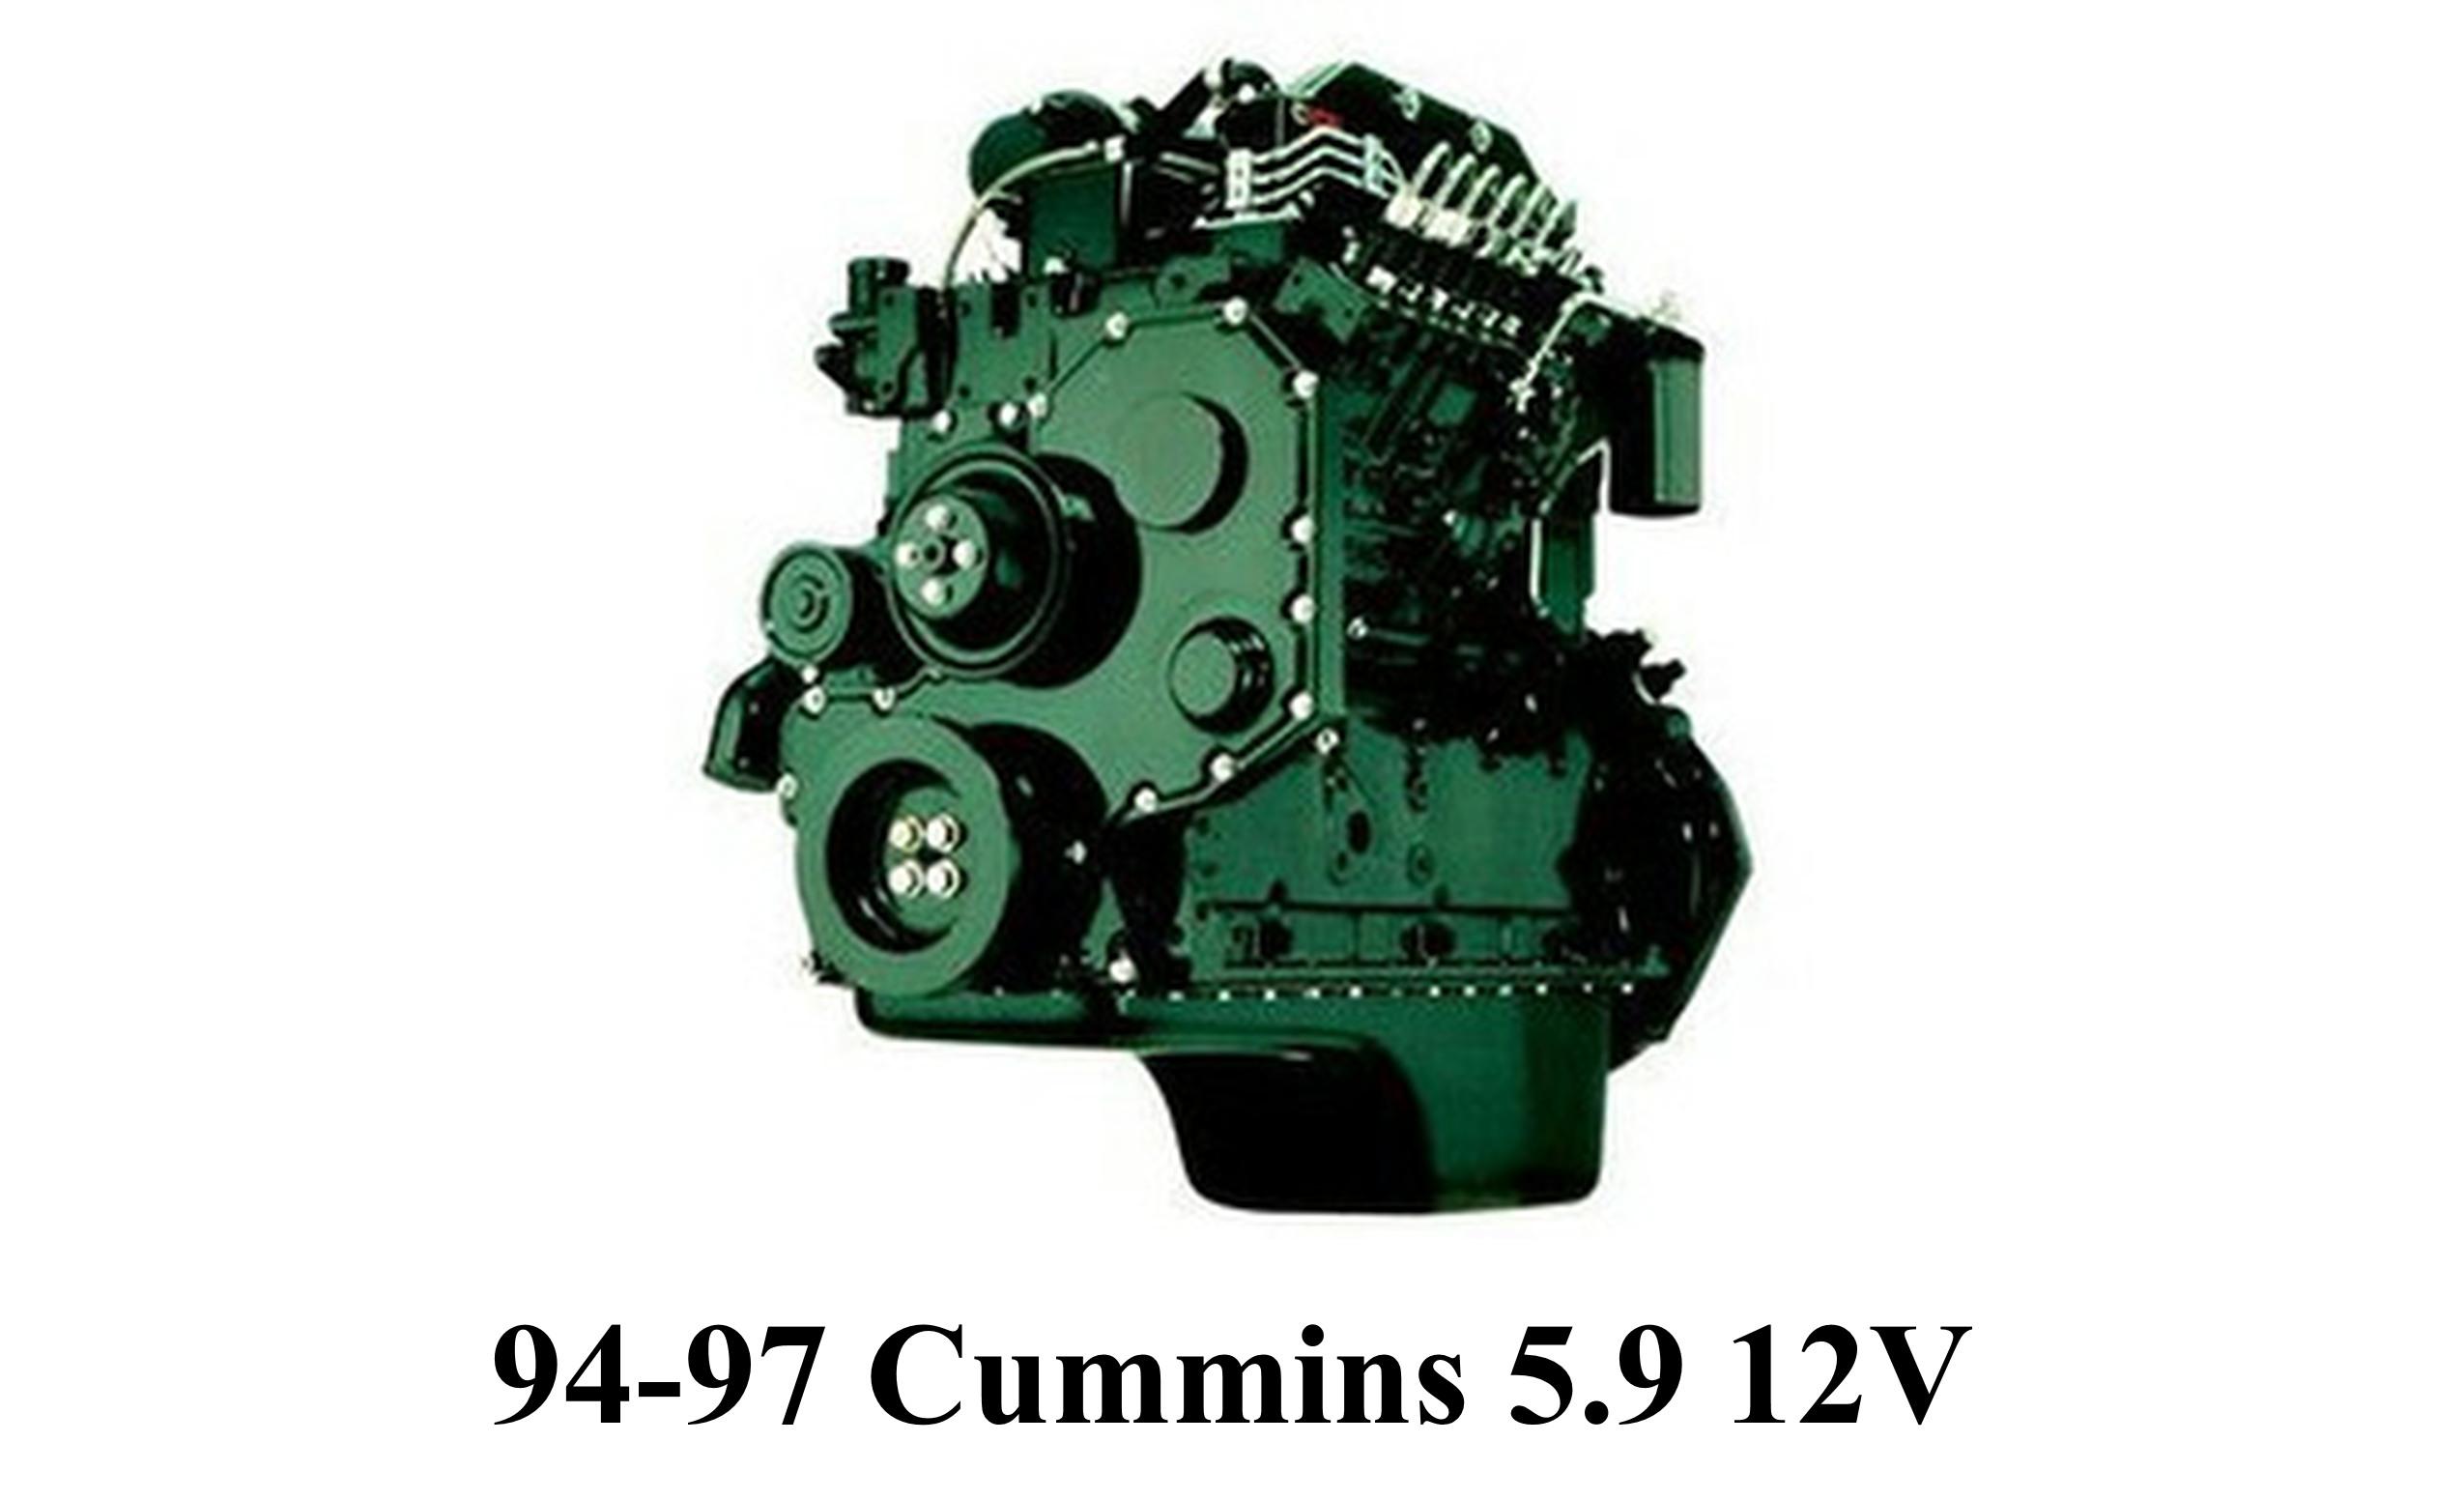 5.9-12v-cummins.jpg